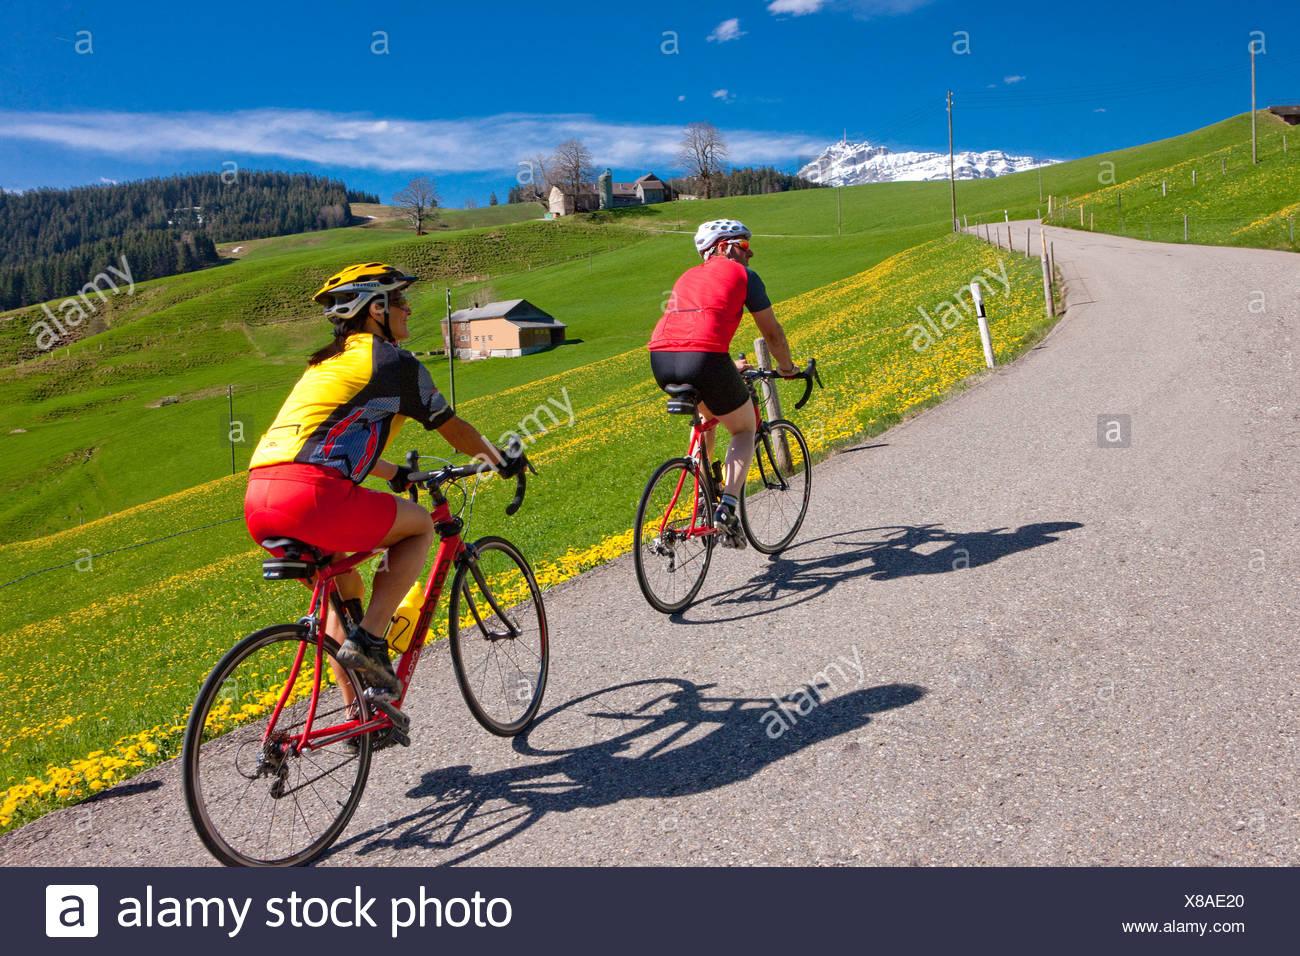 Ciclista, Biker, Toggenburg, muelle, bicicleta, bicicletas, bicicleta, montar en bicicleta, cantón, SG, St. Gallen, Churfirsten, racing bicyc Foto de stock